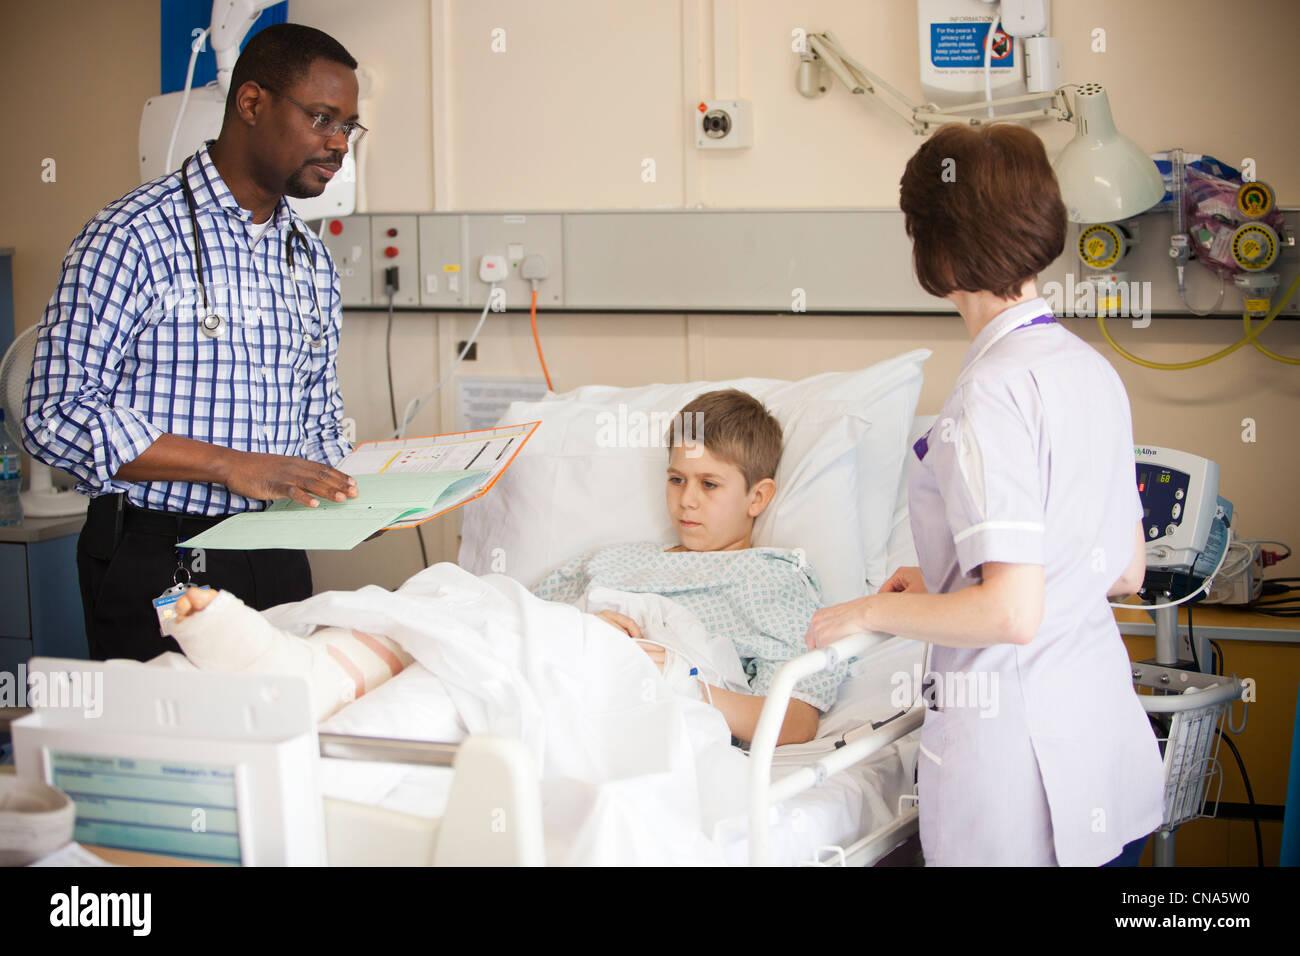 Ziemlich Cna Krankenhaus Bilder - Menschliche Anatomie Bilder ...